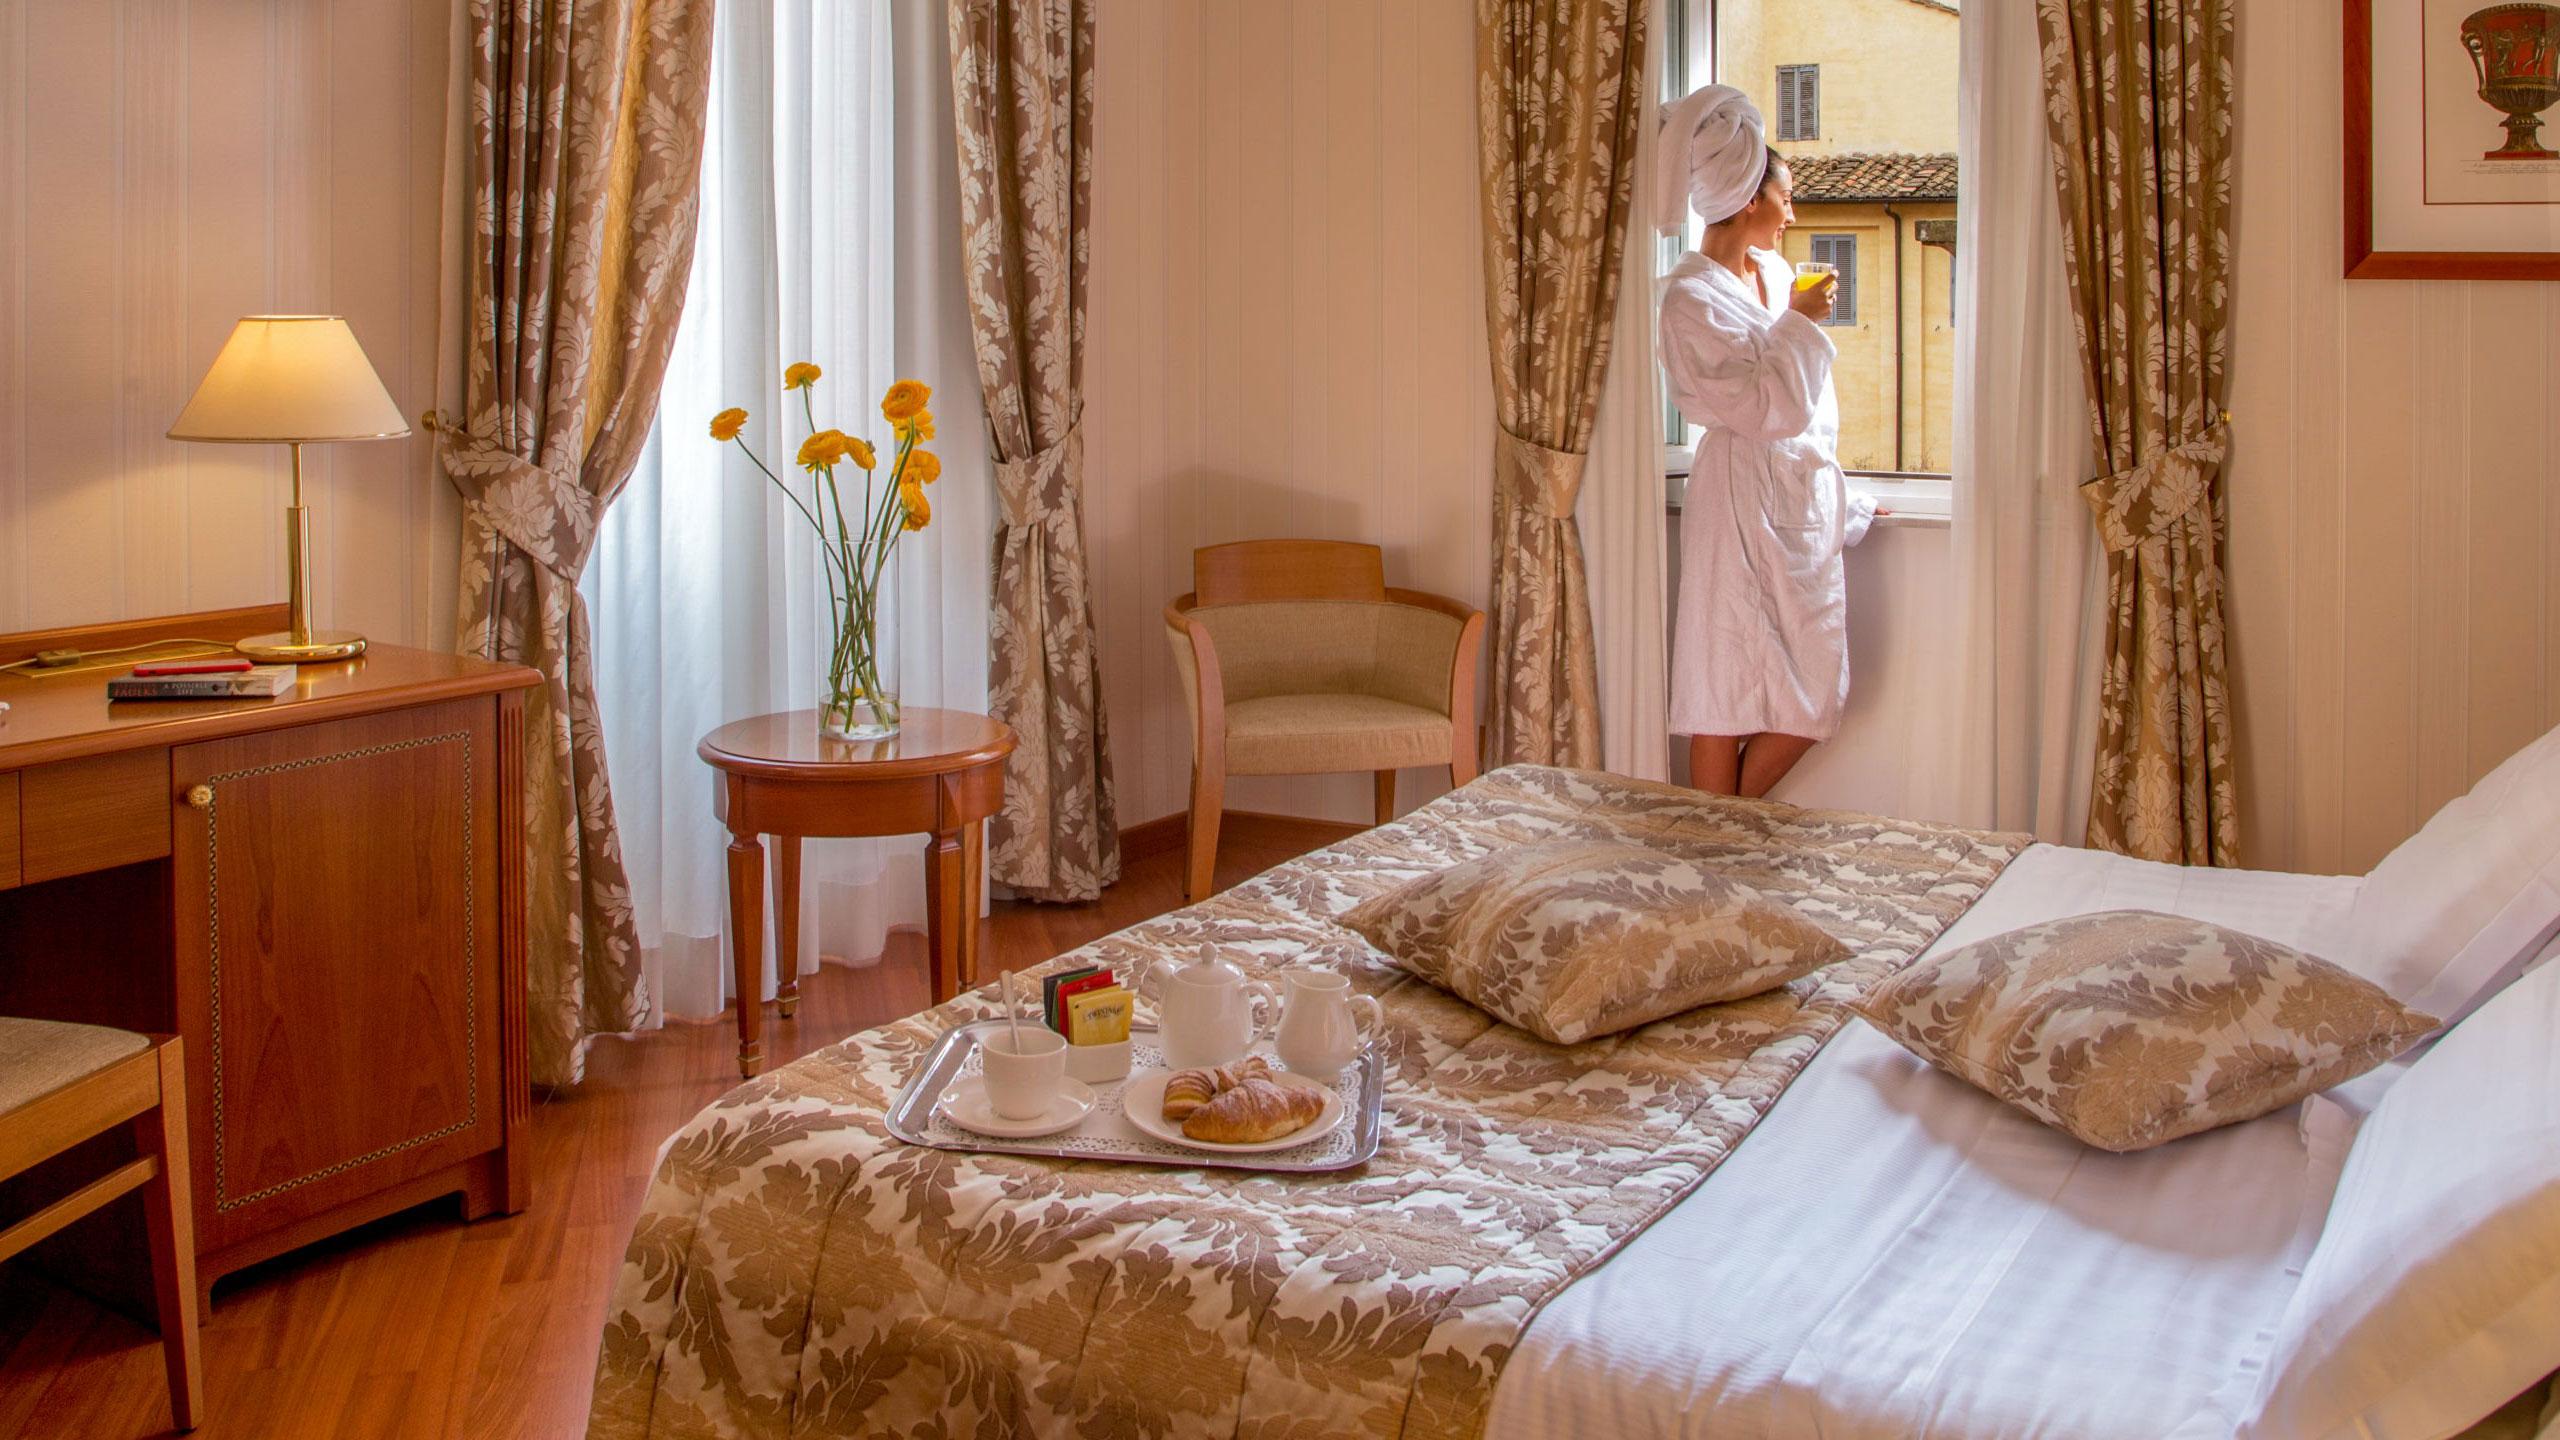 albergo-ottocento-rome-chambre-double-deluxe-25